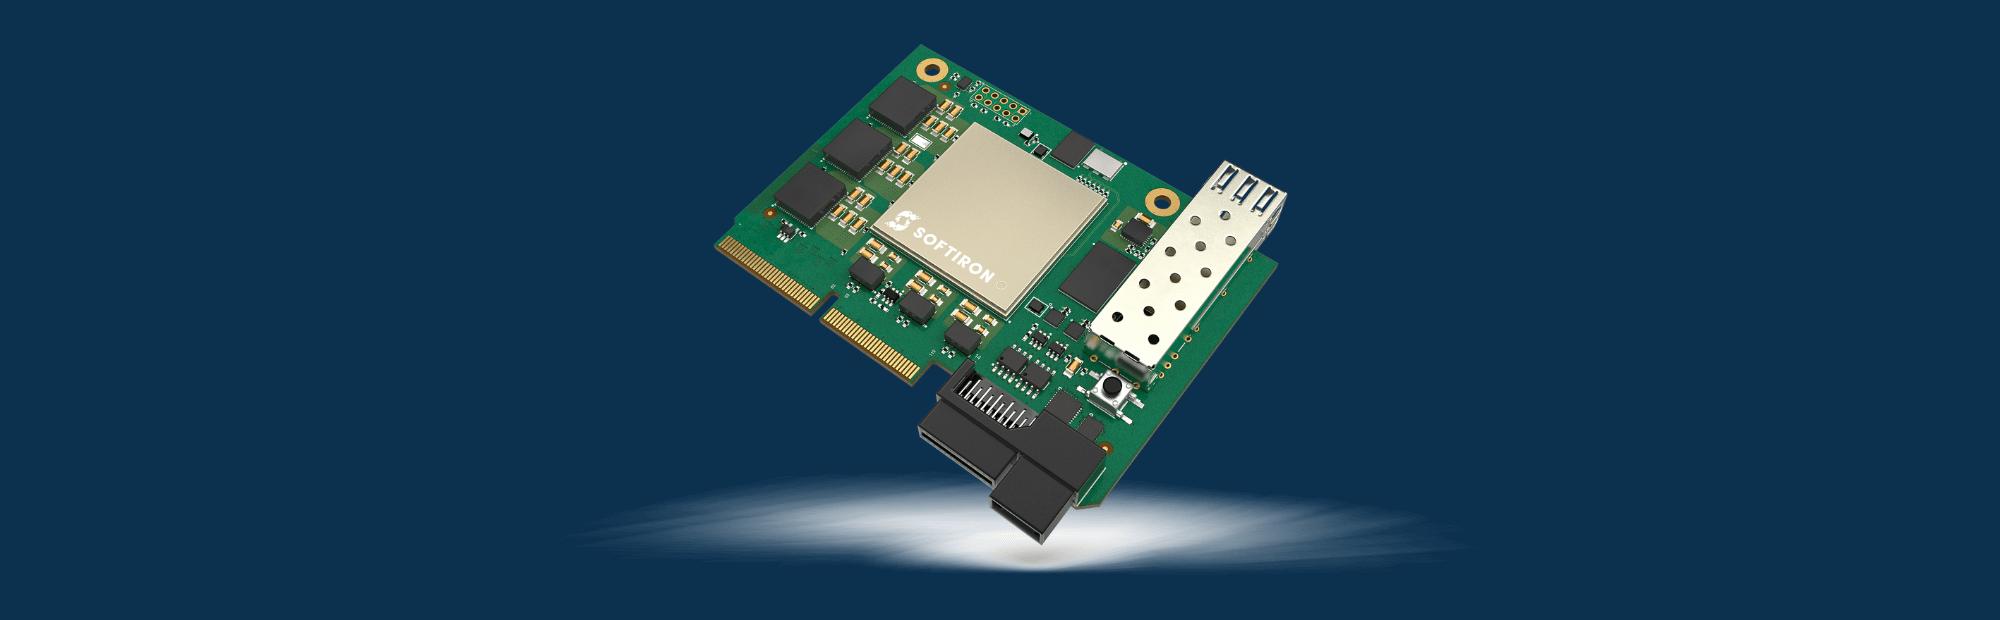 Image for SoftIron Unveils Hardware-Based Ceph Erasure Coding Acceleration